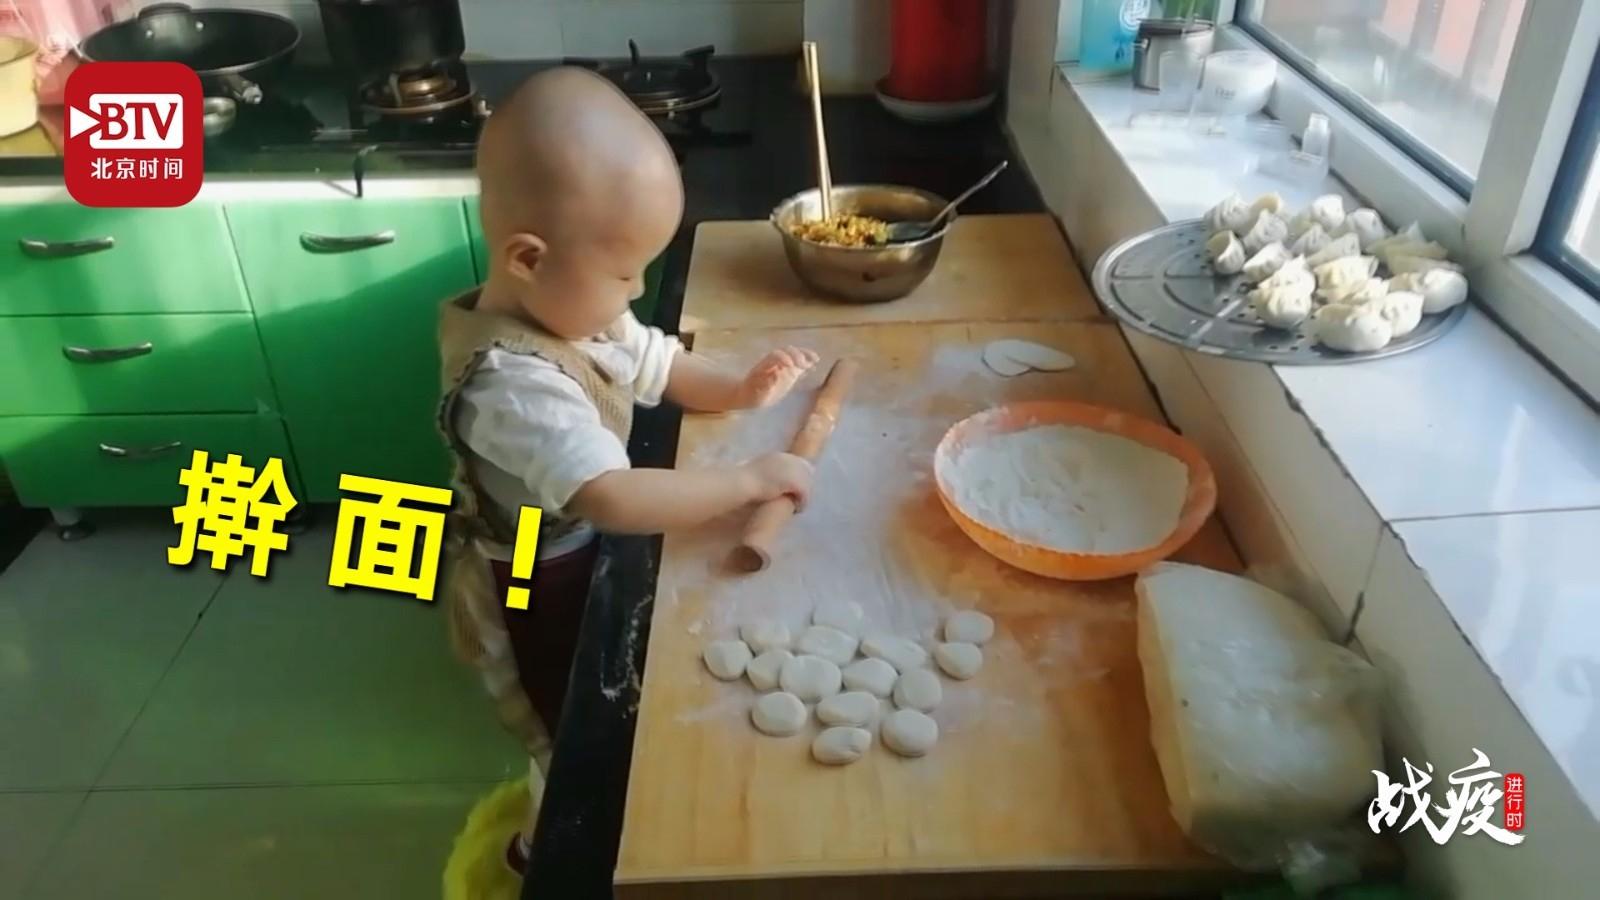 2岁娃因疫情宅家学做饭:会做花卷、擀面条 最爱包饺子